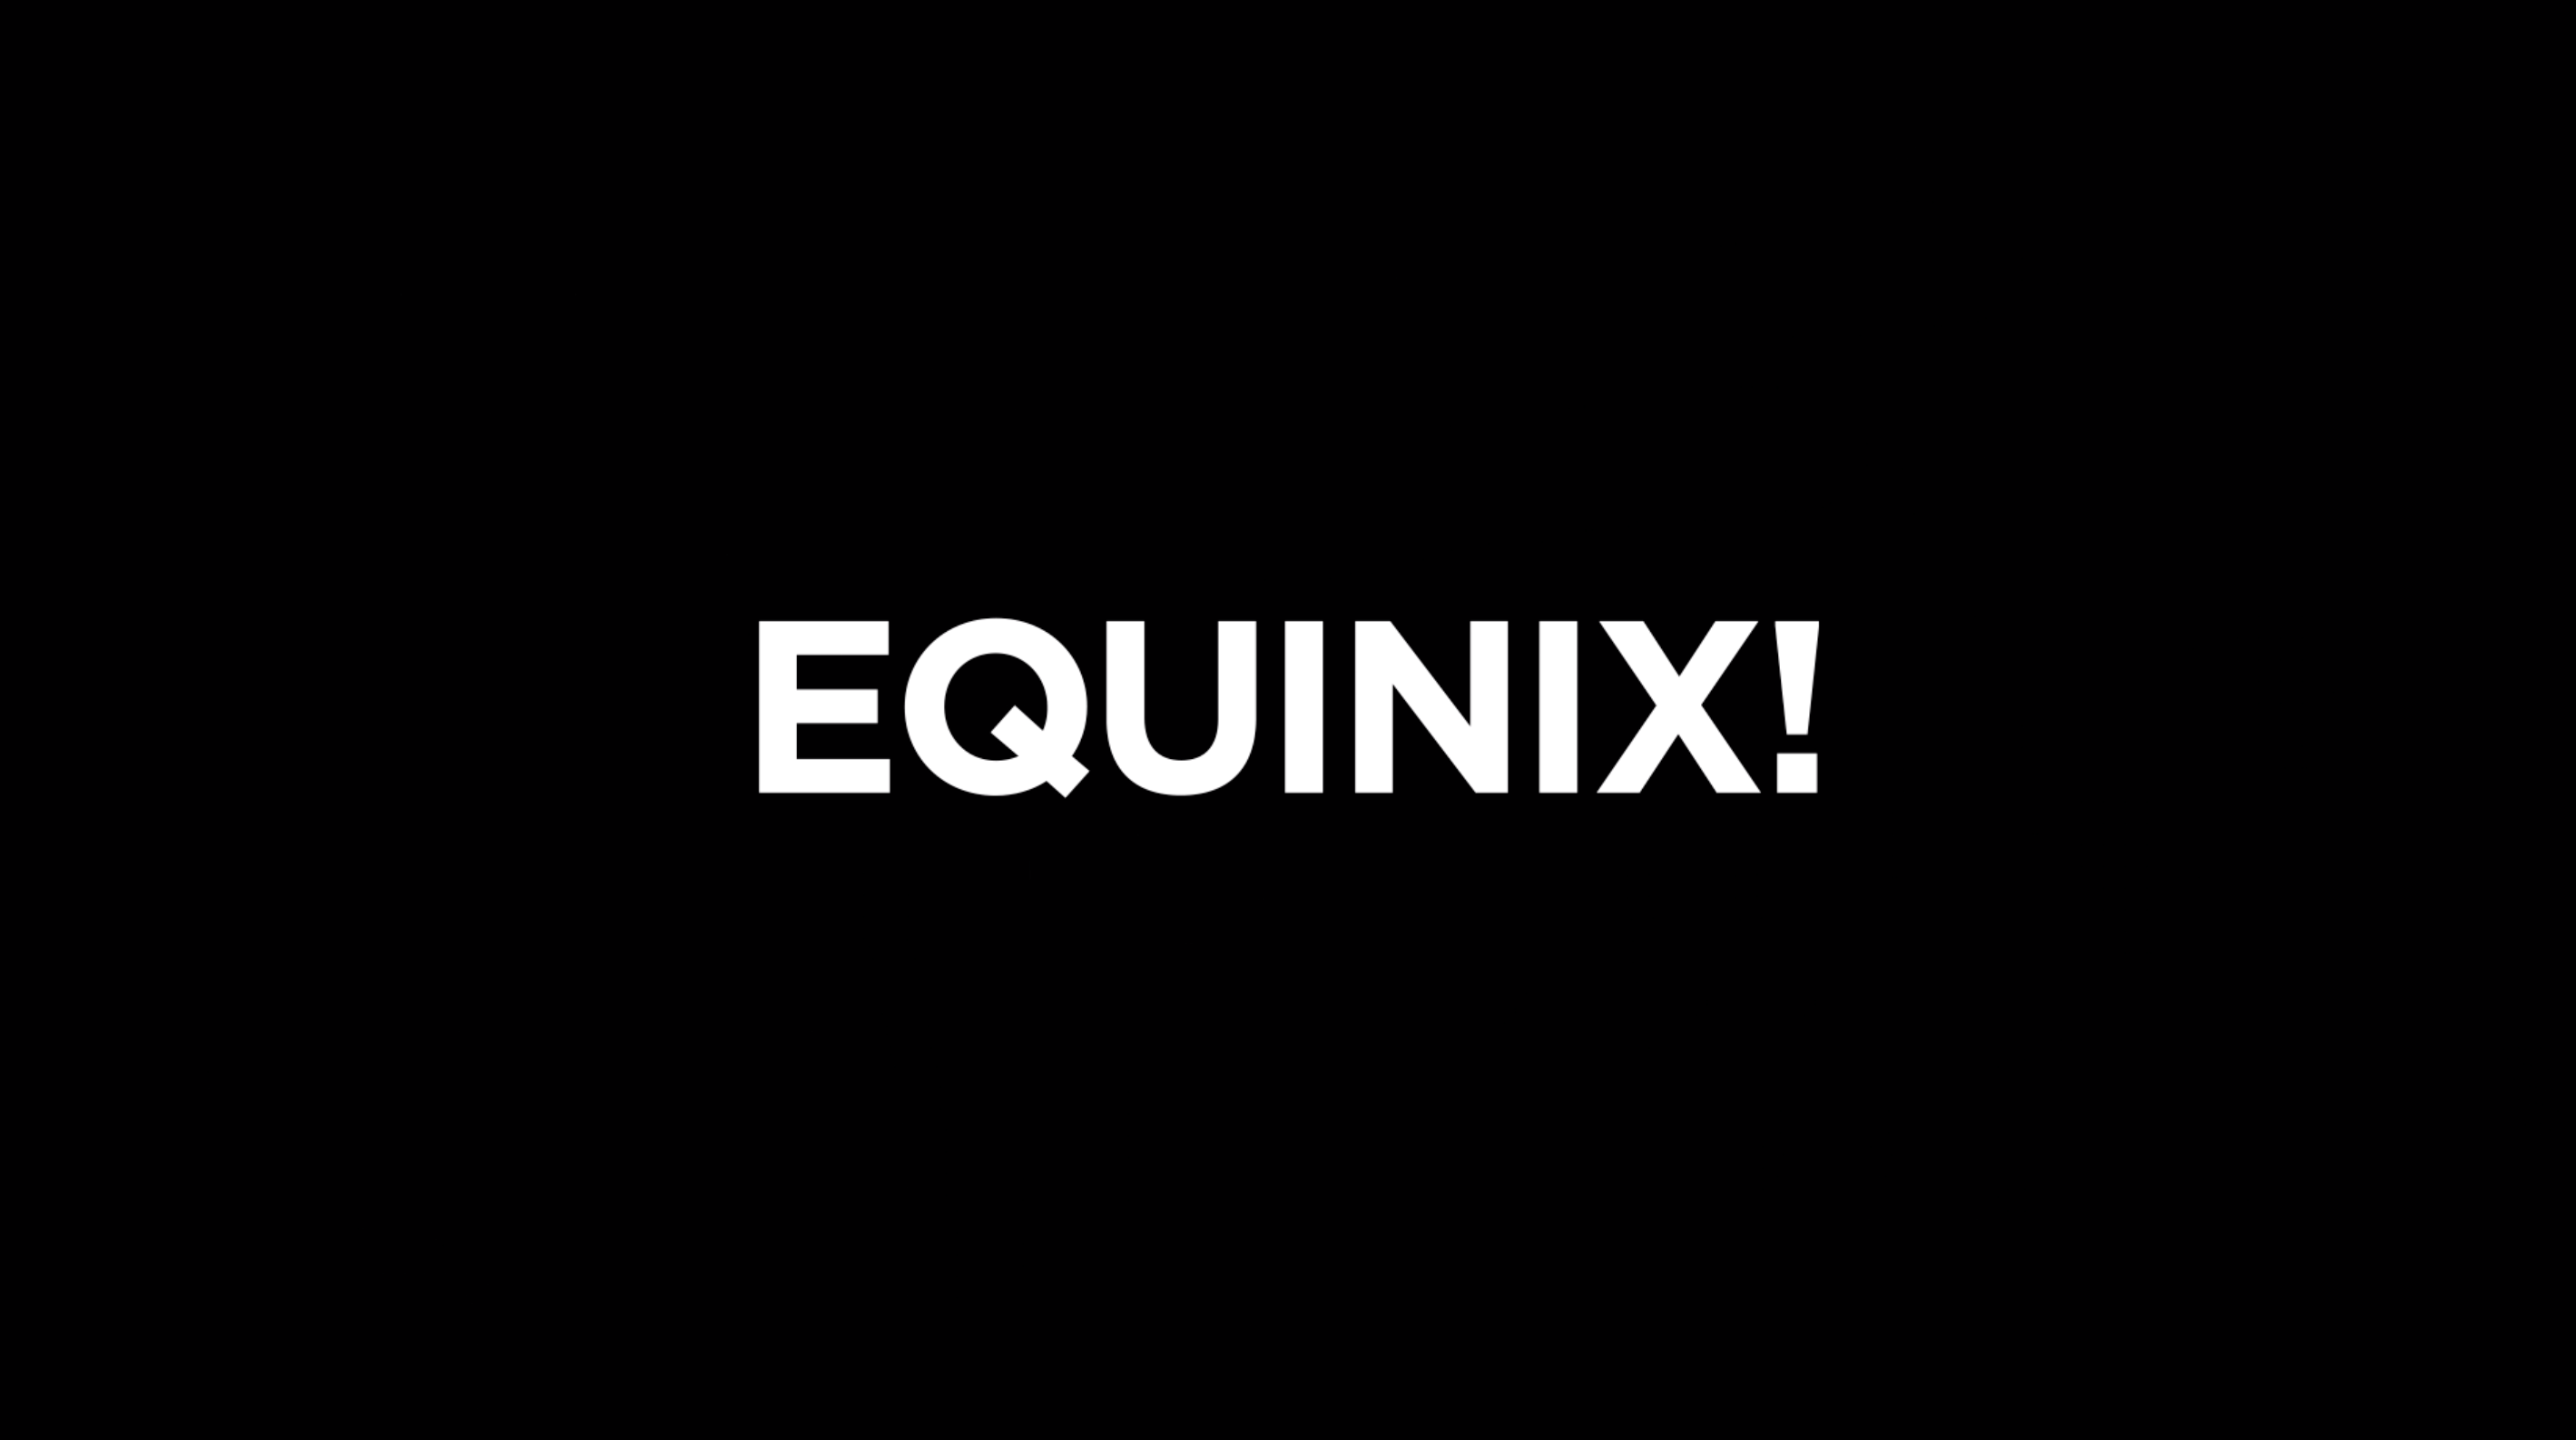 Qdemo_Equinix